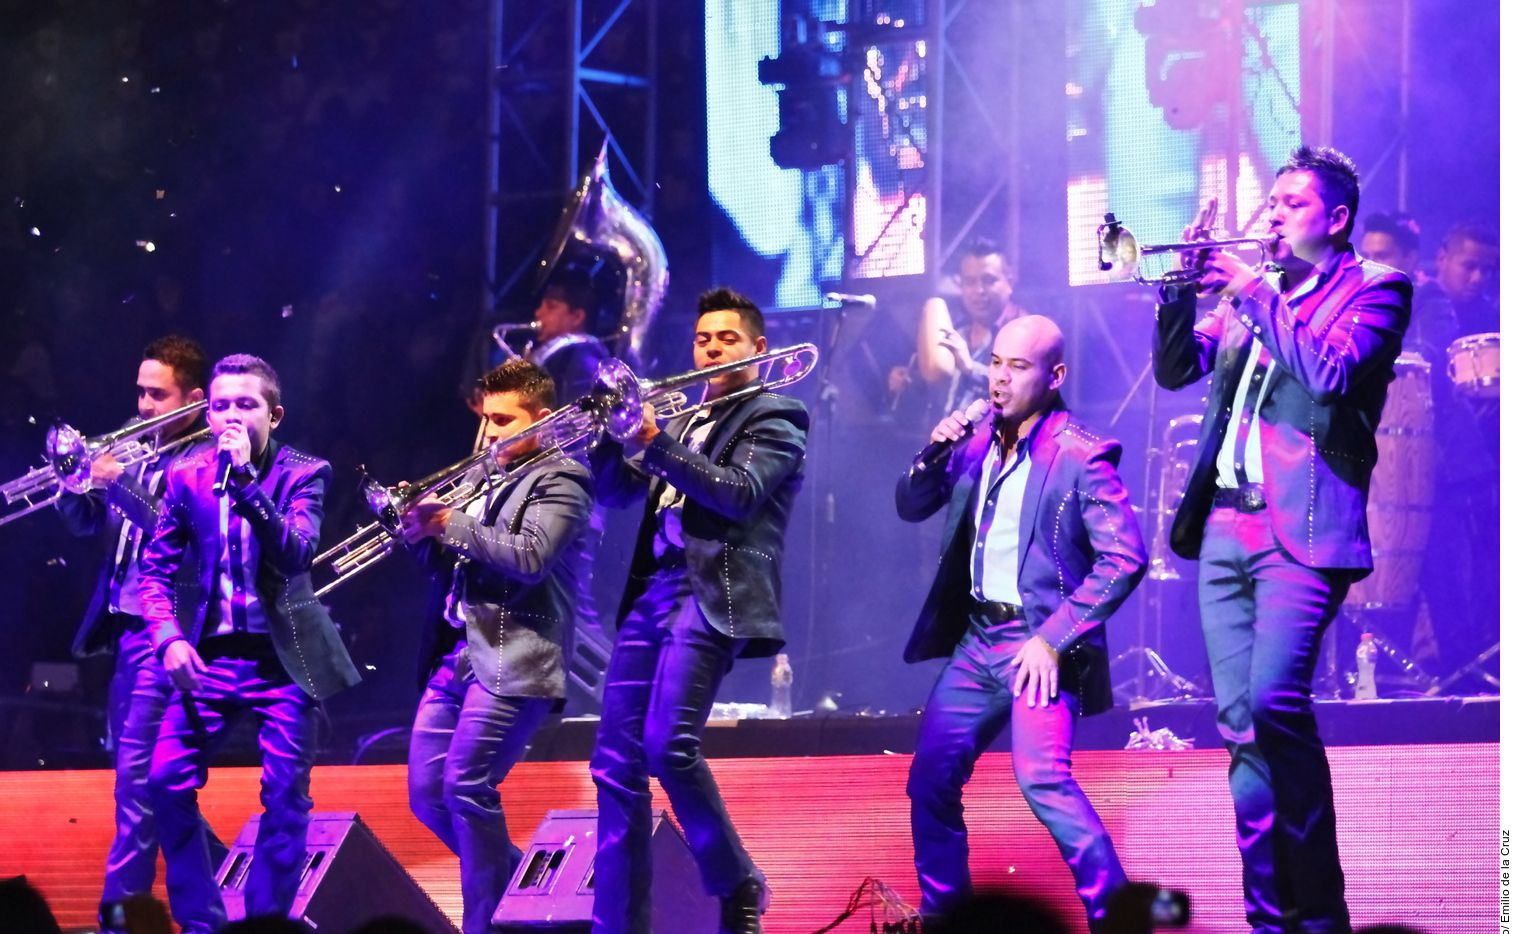 Banda La Adictiva, una de las organizaciones musicales más longevas del género regional mexicano, tiene en pausa cerca de 30 conciertos.